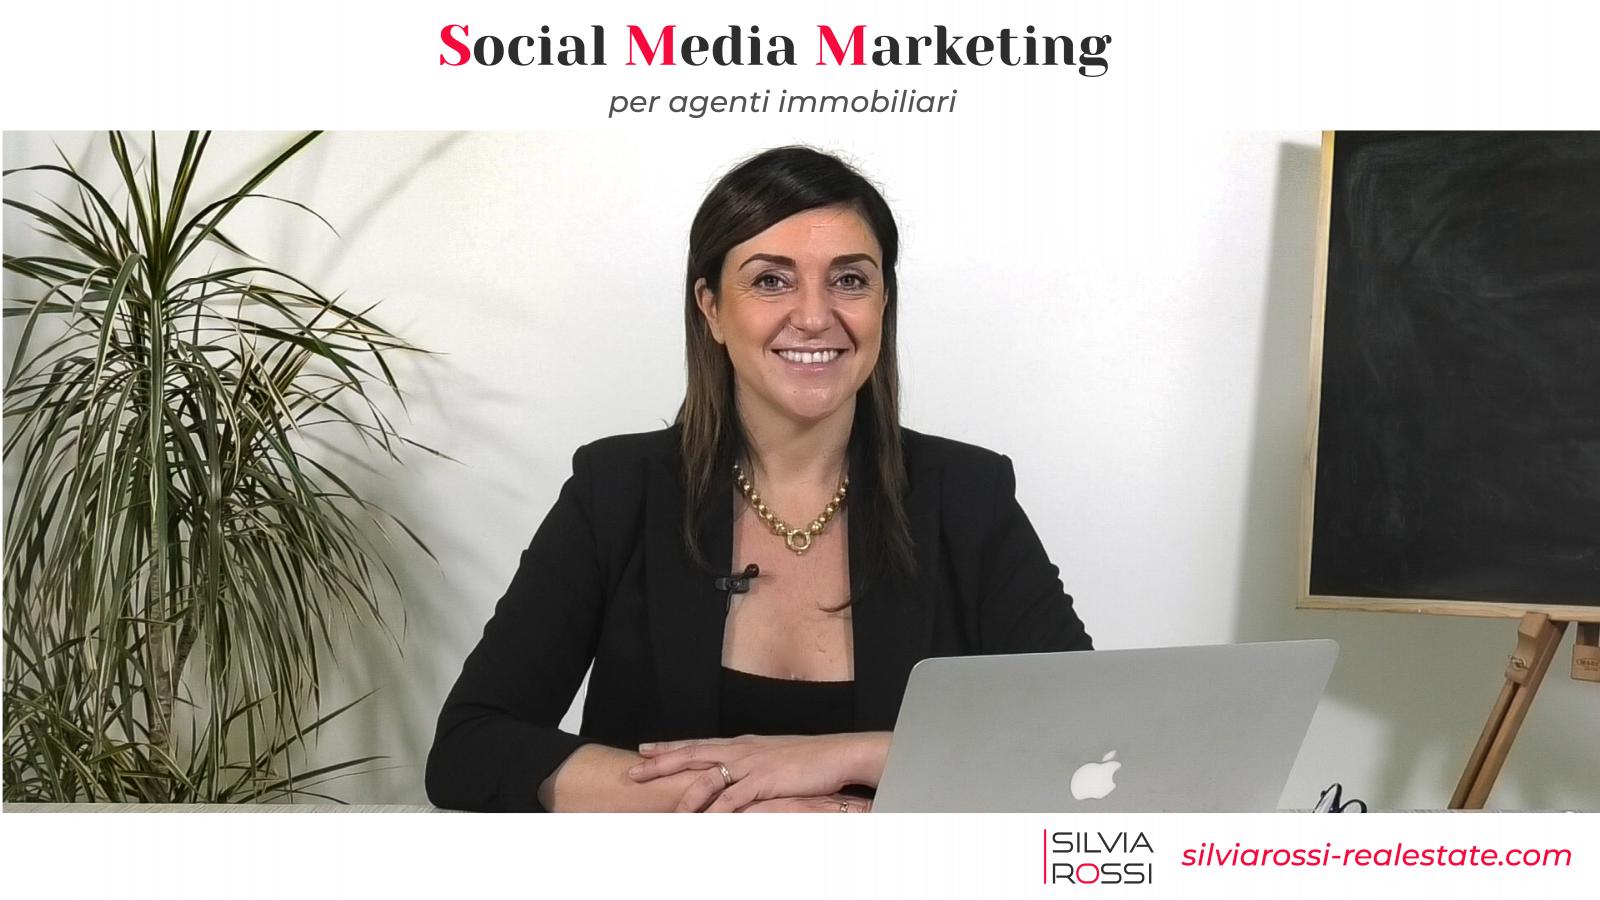 Silvia Rossi e il suo corso social media marketing per agenti immobiliari